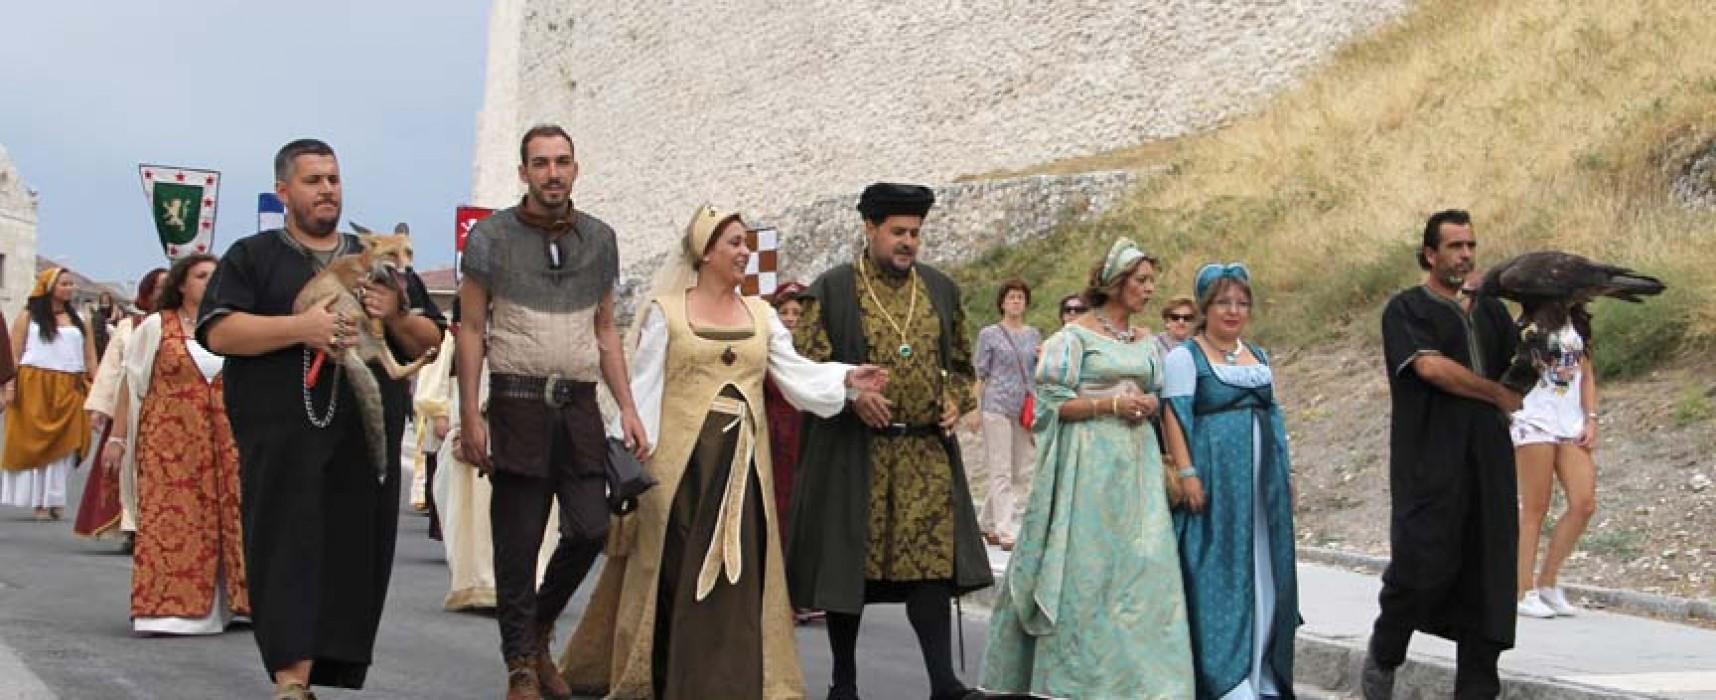 Mercaderes, artesanos, caballeros y damas toman desde hoy la Huerta del Duque en la XX Cuéllar Mudéjar